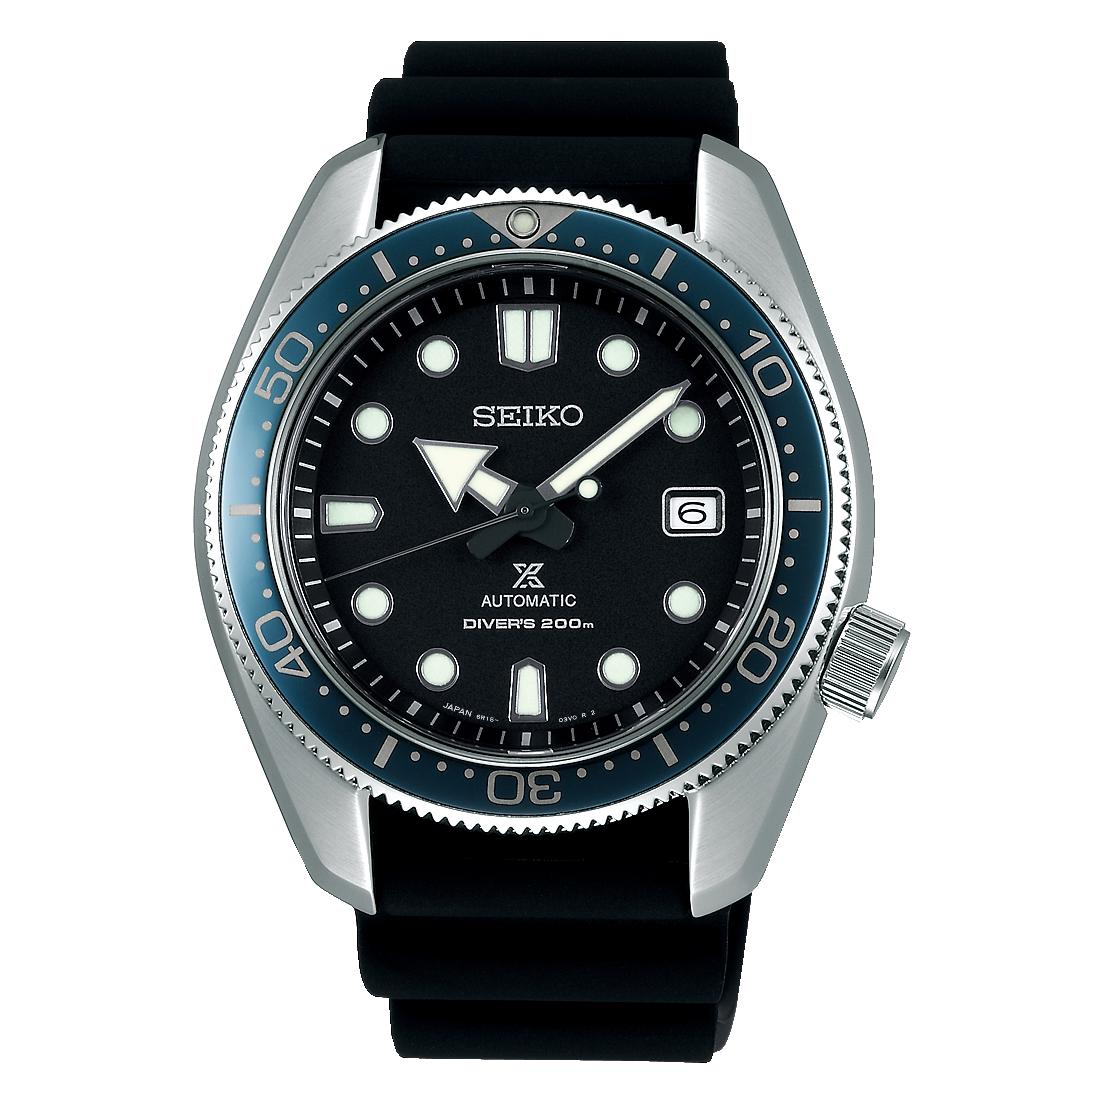 SPB079J1 / SBDC063 (JDM)